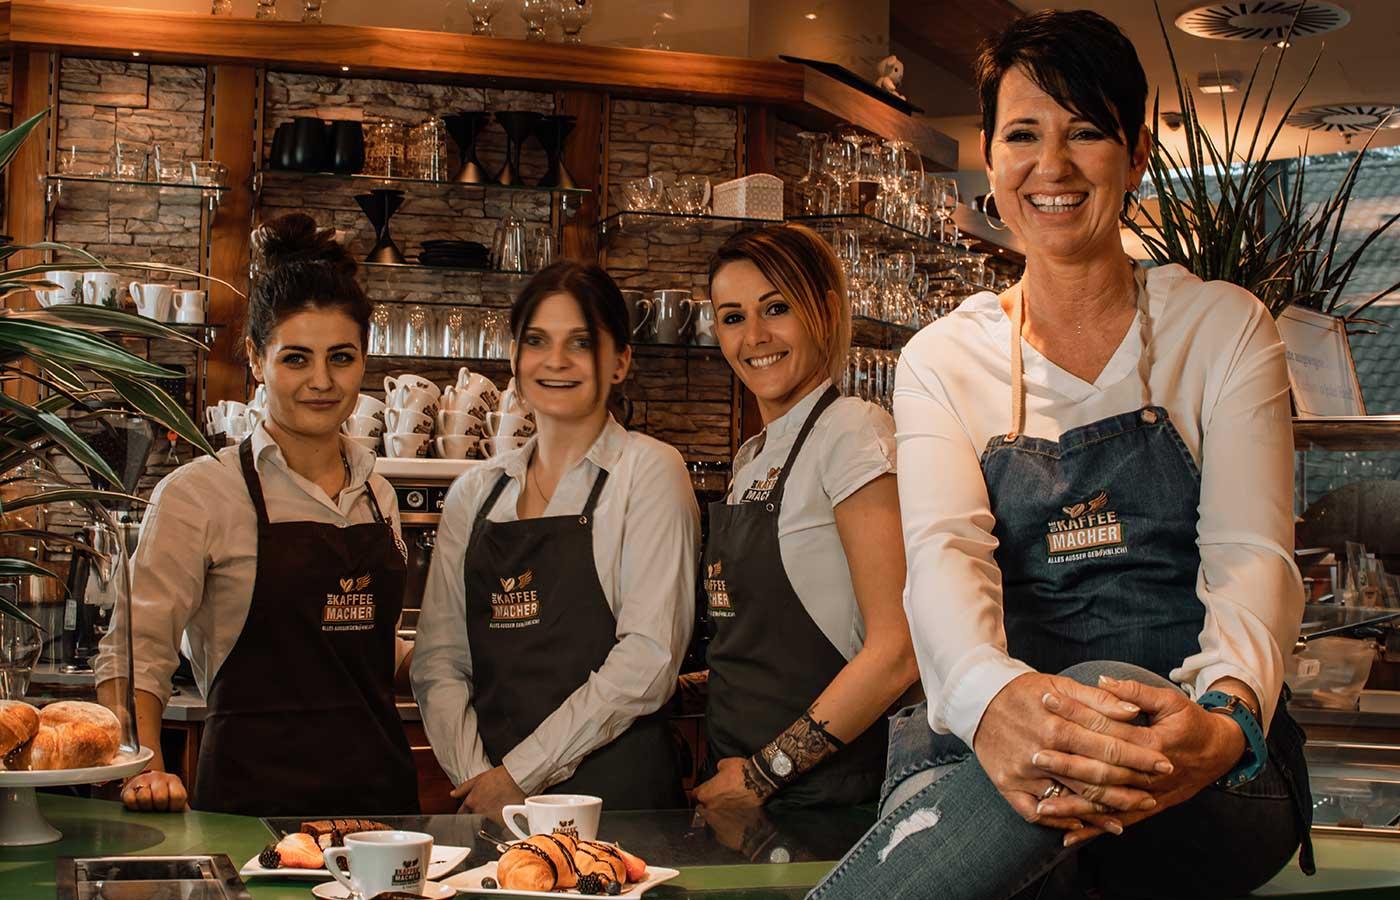 Leidenschaft Frühstück im Cafe Die Kaffeemacher in der Stadtgalerie Schwaz in Tirol